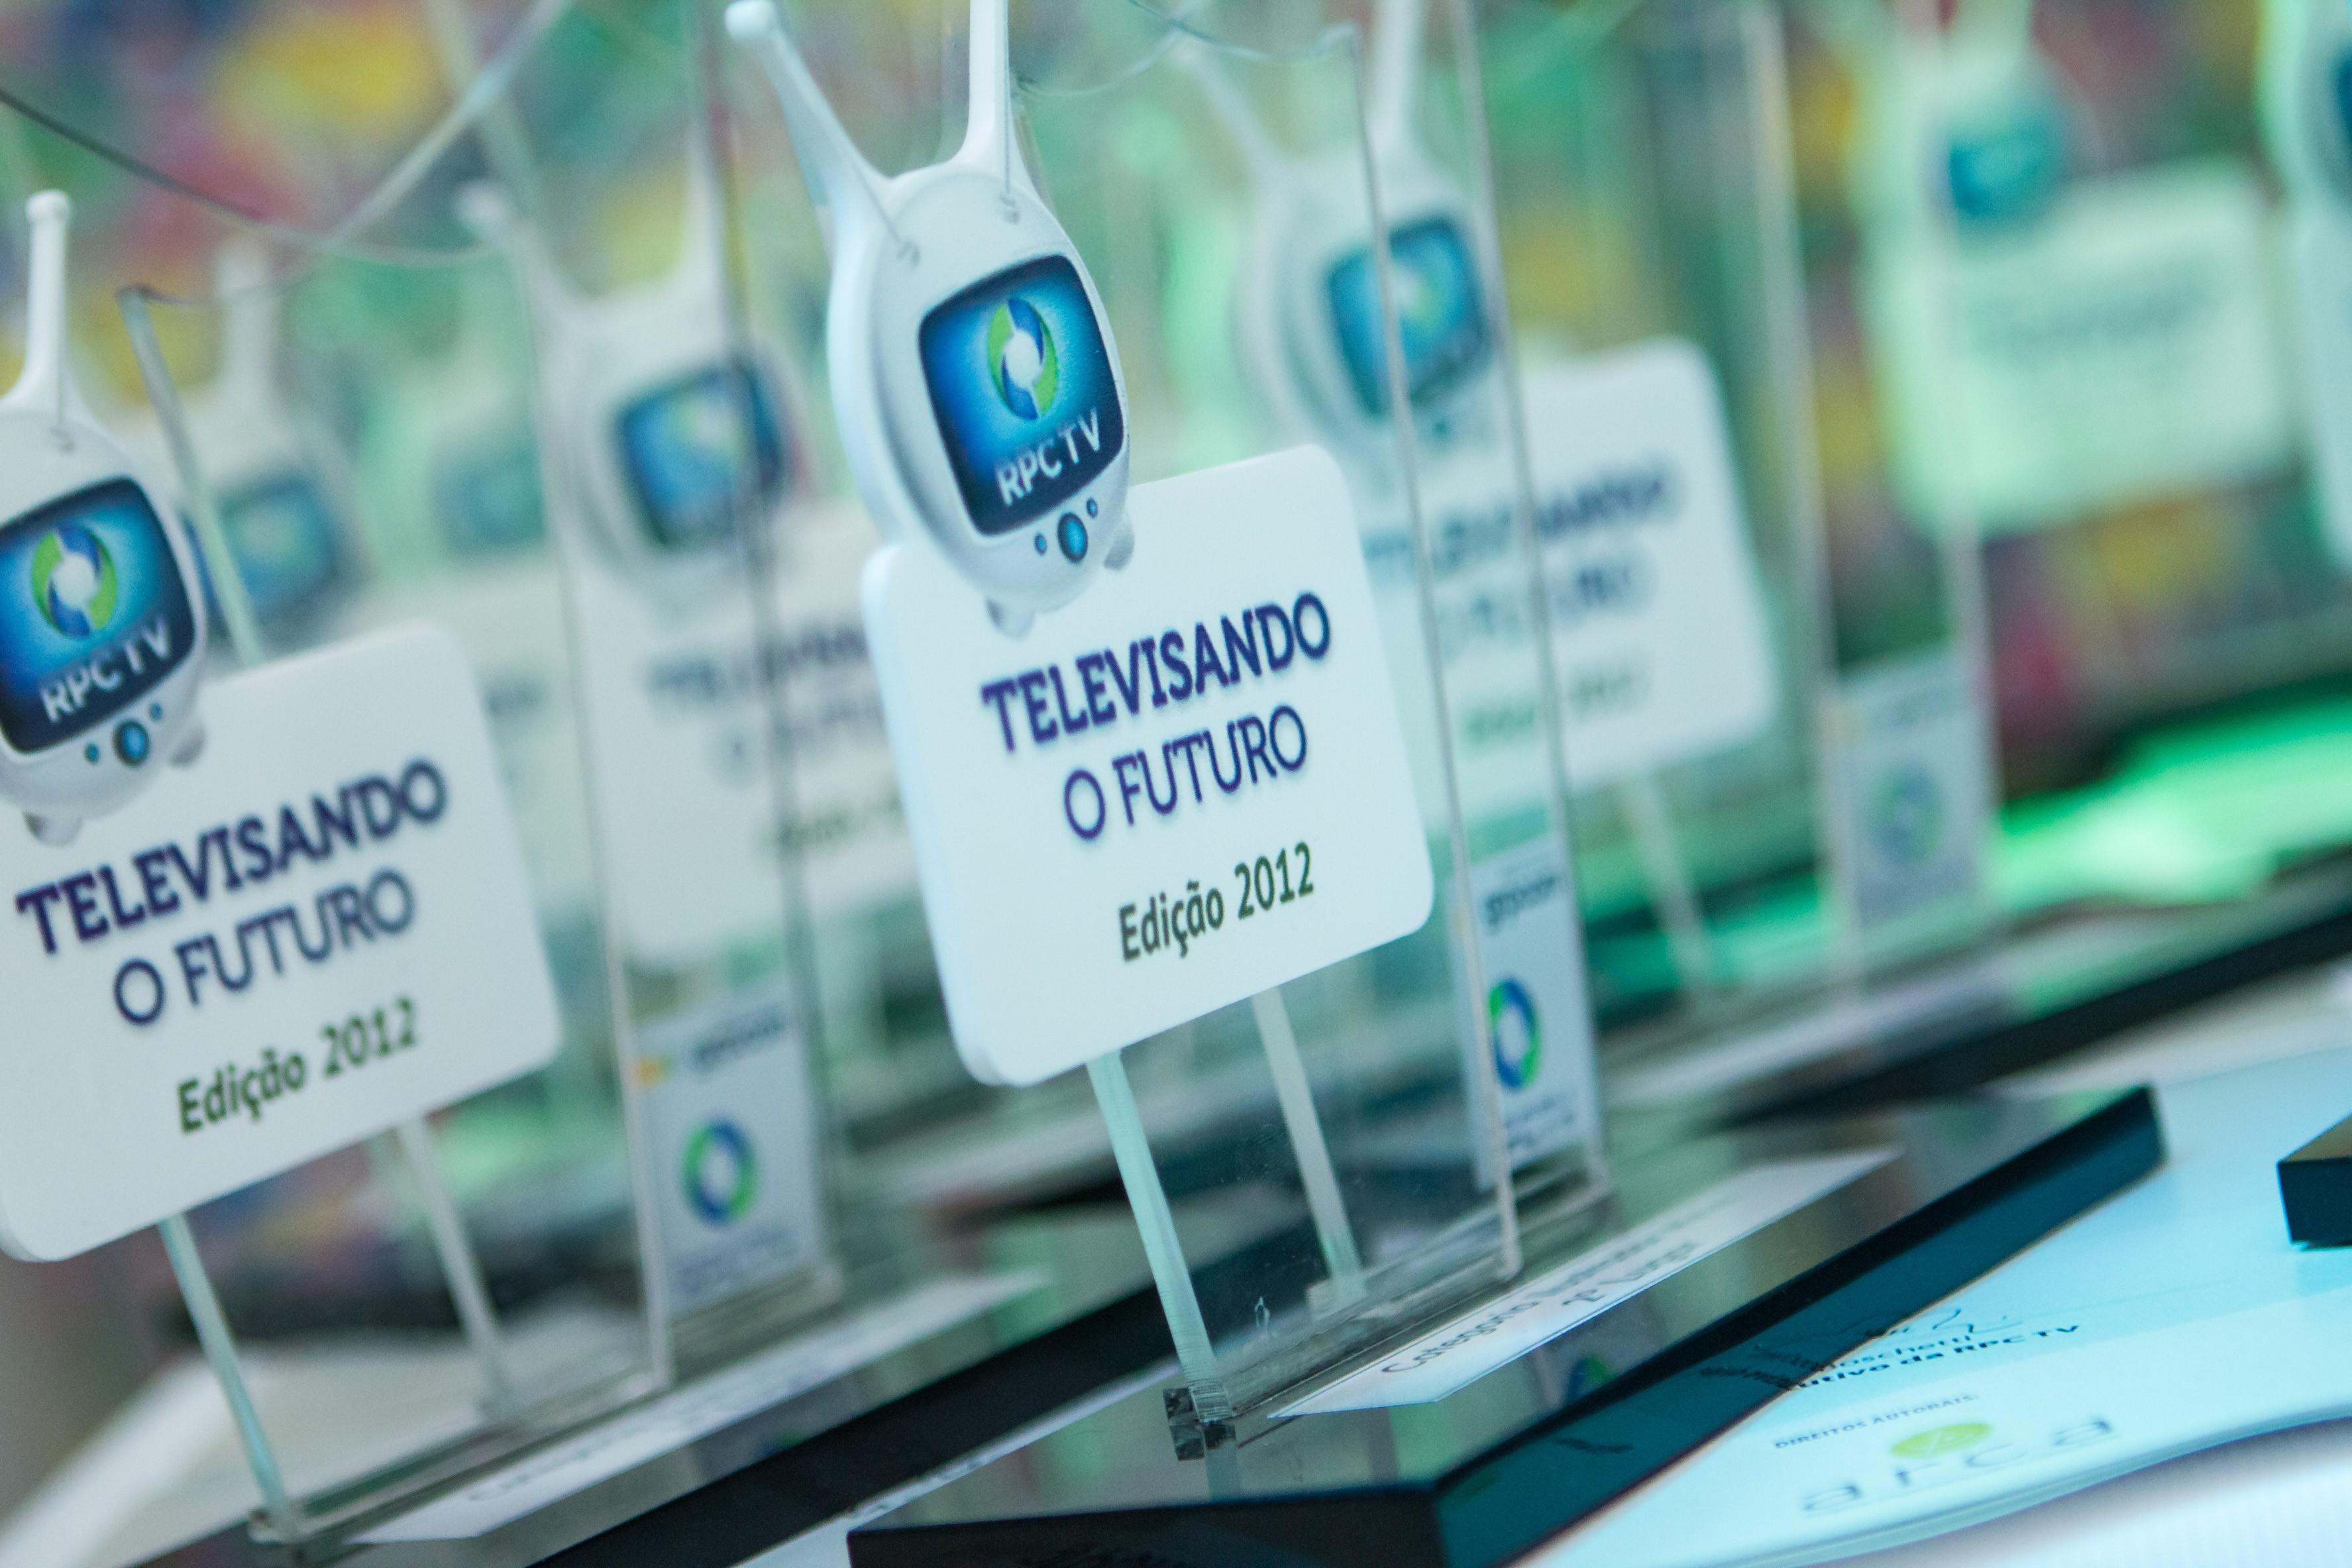 Confira as fotos da premiação estadual do Televisando 2012 (Luciano Meireles / RPC TV)